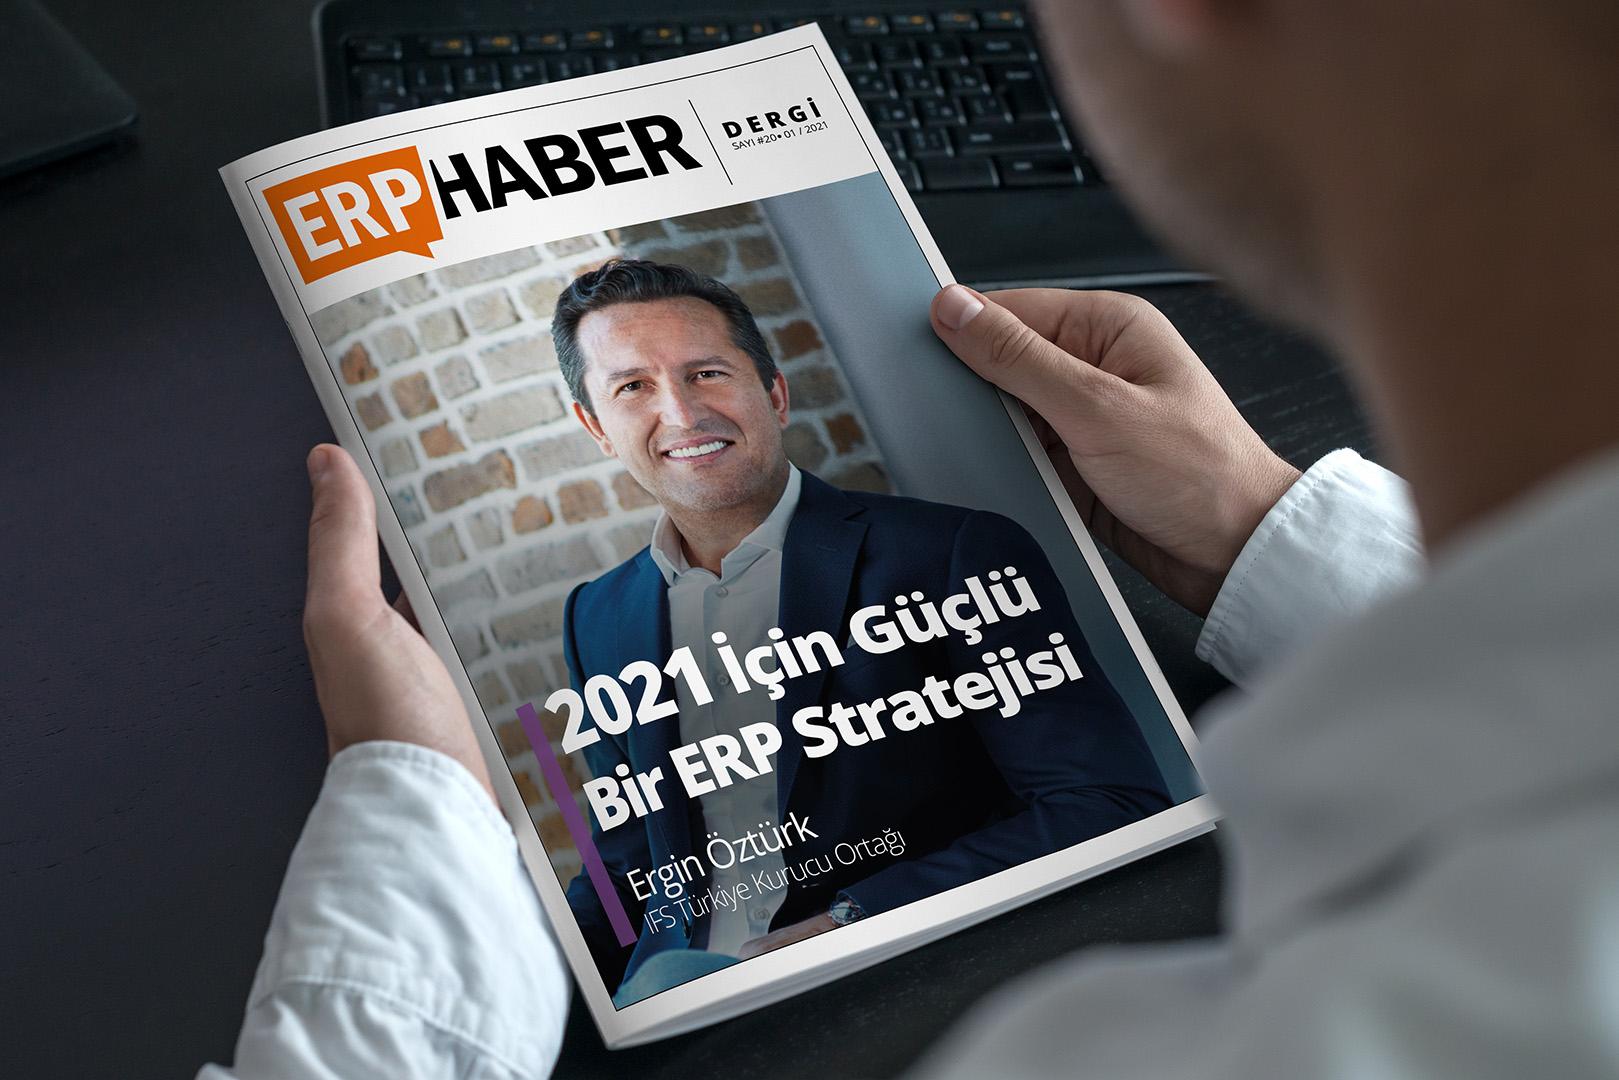 erphaber-dergi-sayi-20-ergin-ozturk-ifs-turkiye-web